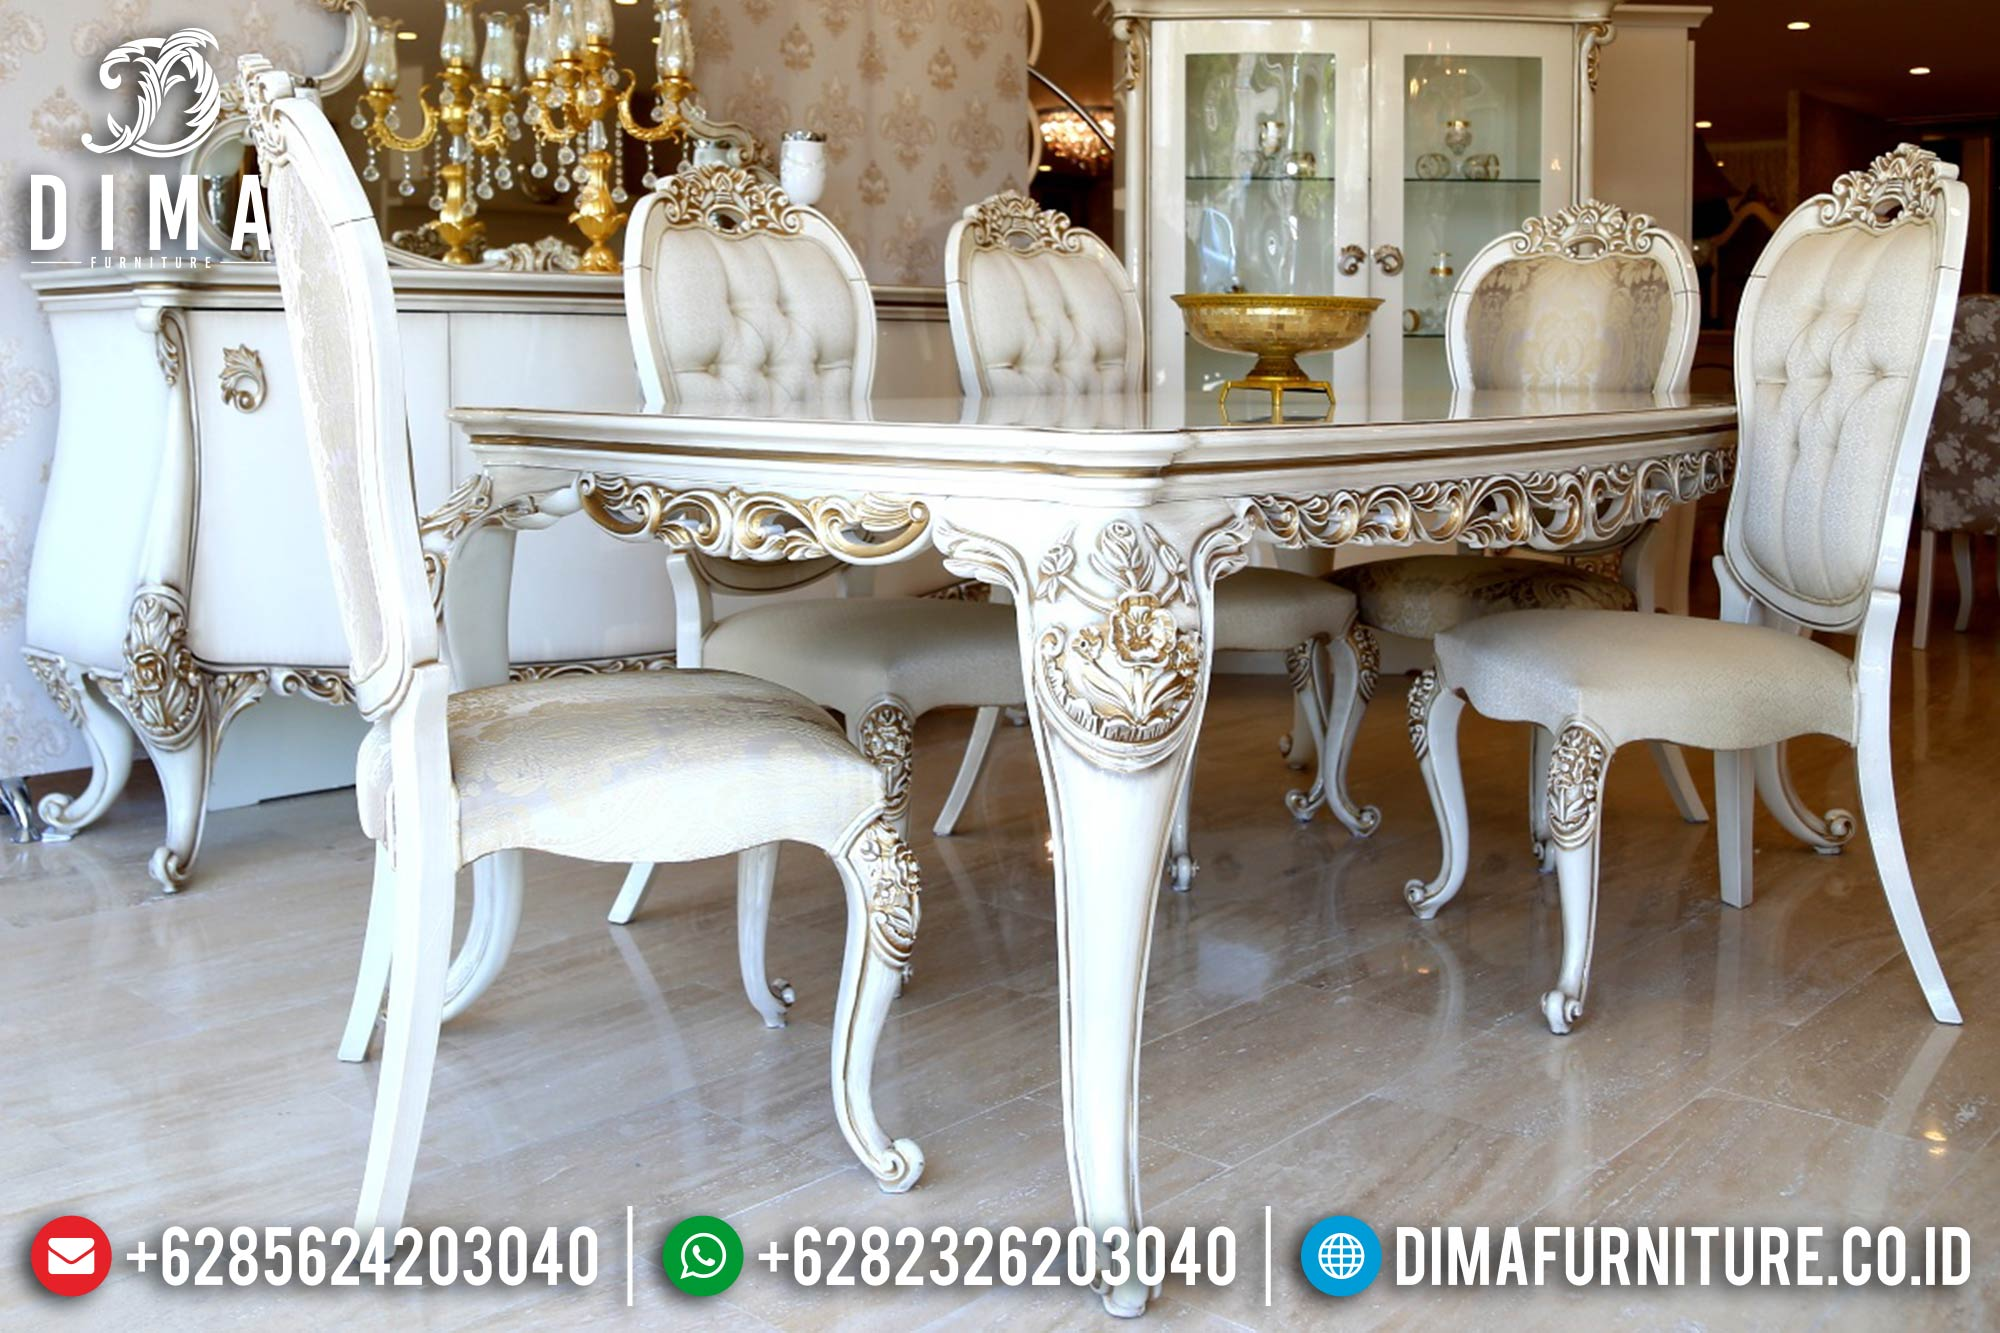 Meja Makan Mewah Jepara, Meja Makan Minimalis Murah, Set Meja Makan Terbaru MM-0128